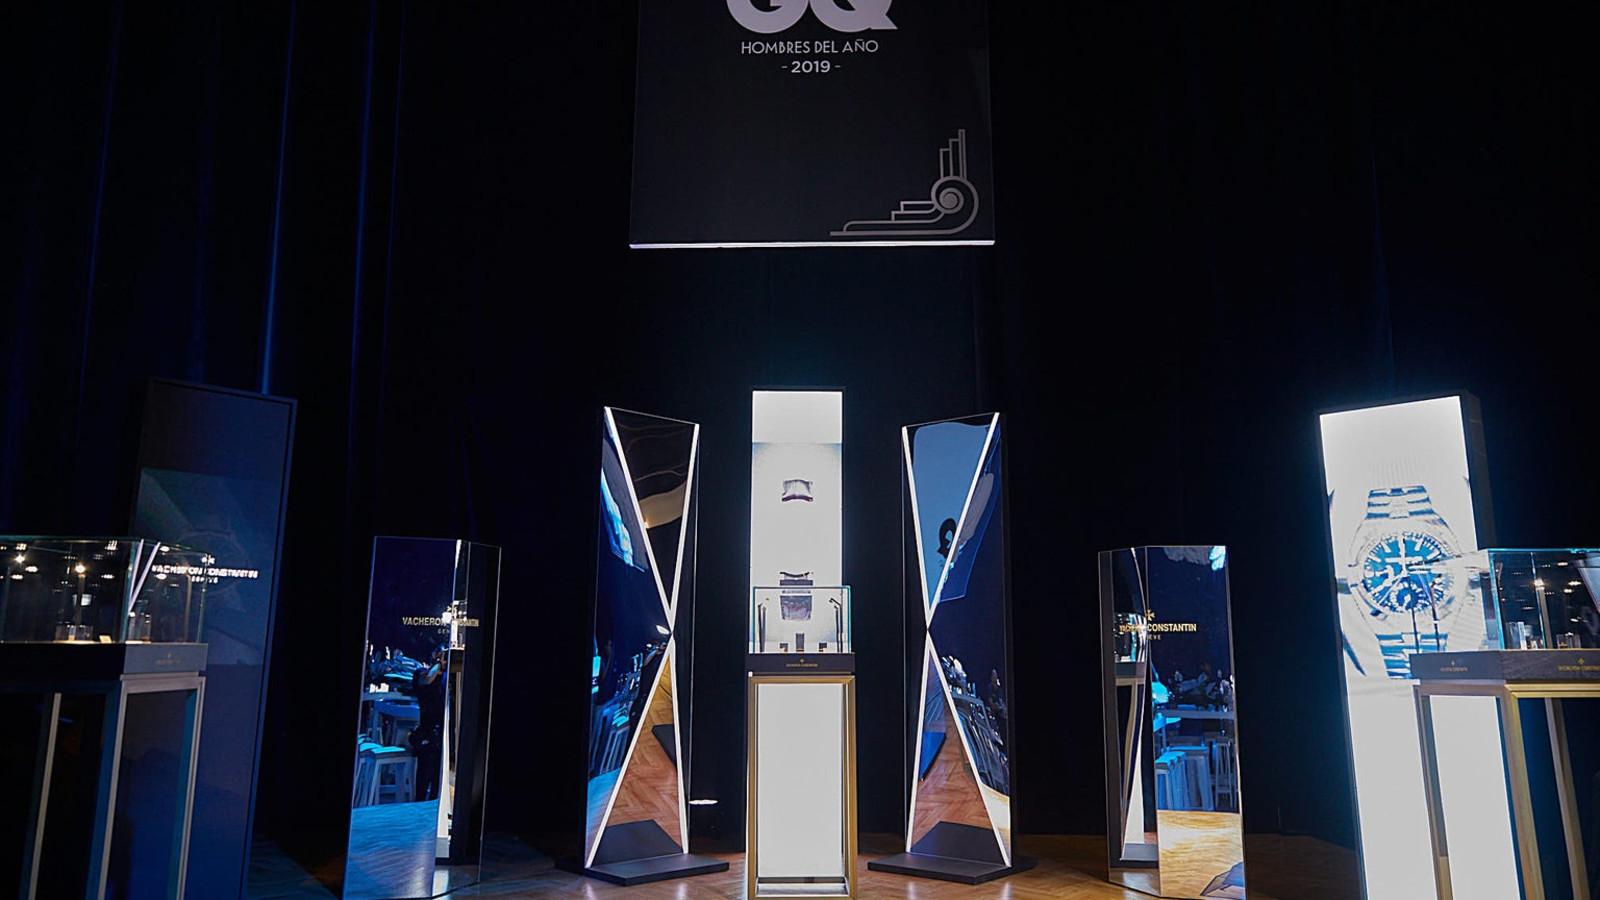 GQ HDA 2019 4-2 - Enrique SanchezArmas - Mexico - GQ MOTY